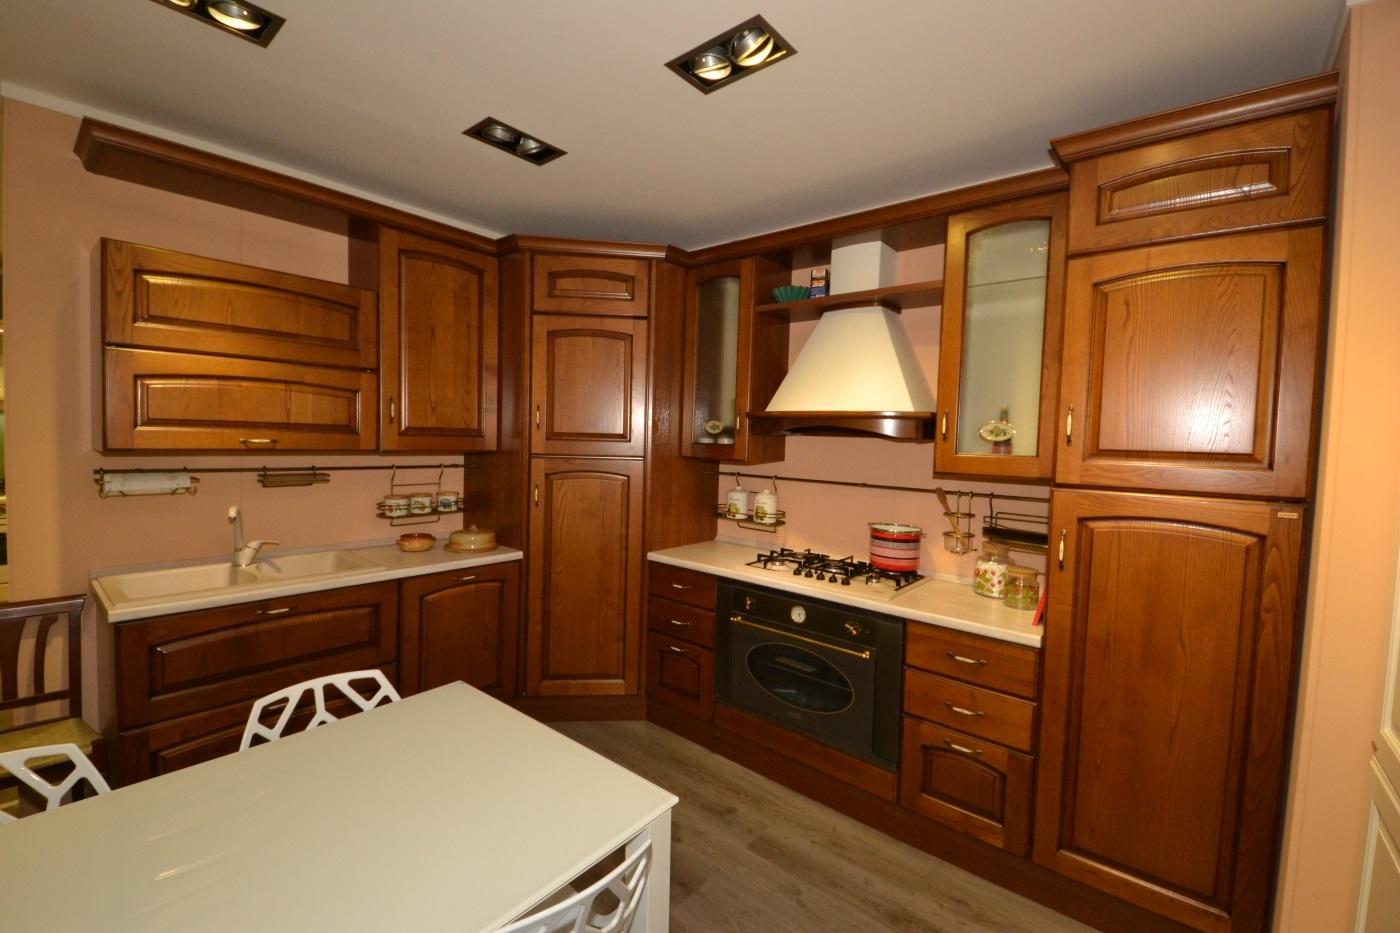 Cucina scavolini madeleine cucine a prezzi scontati - Prezzo cucine scavolini ...